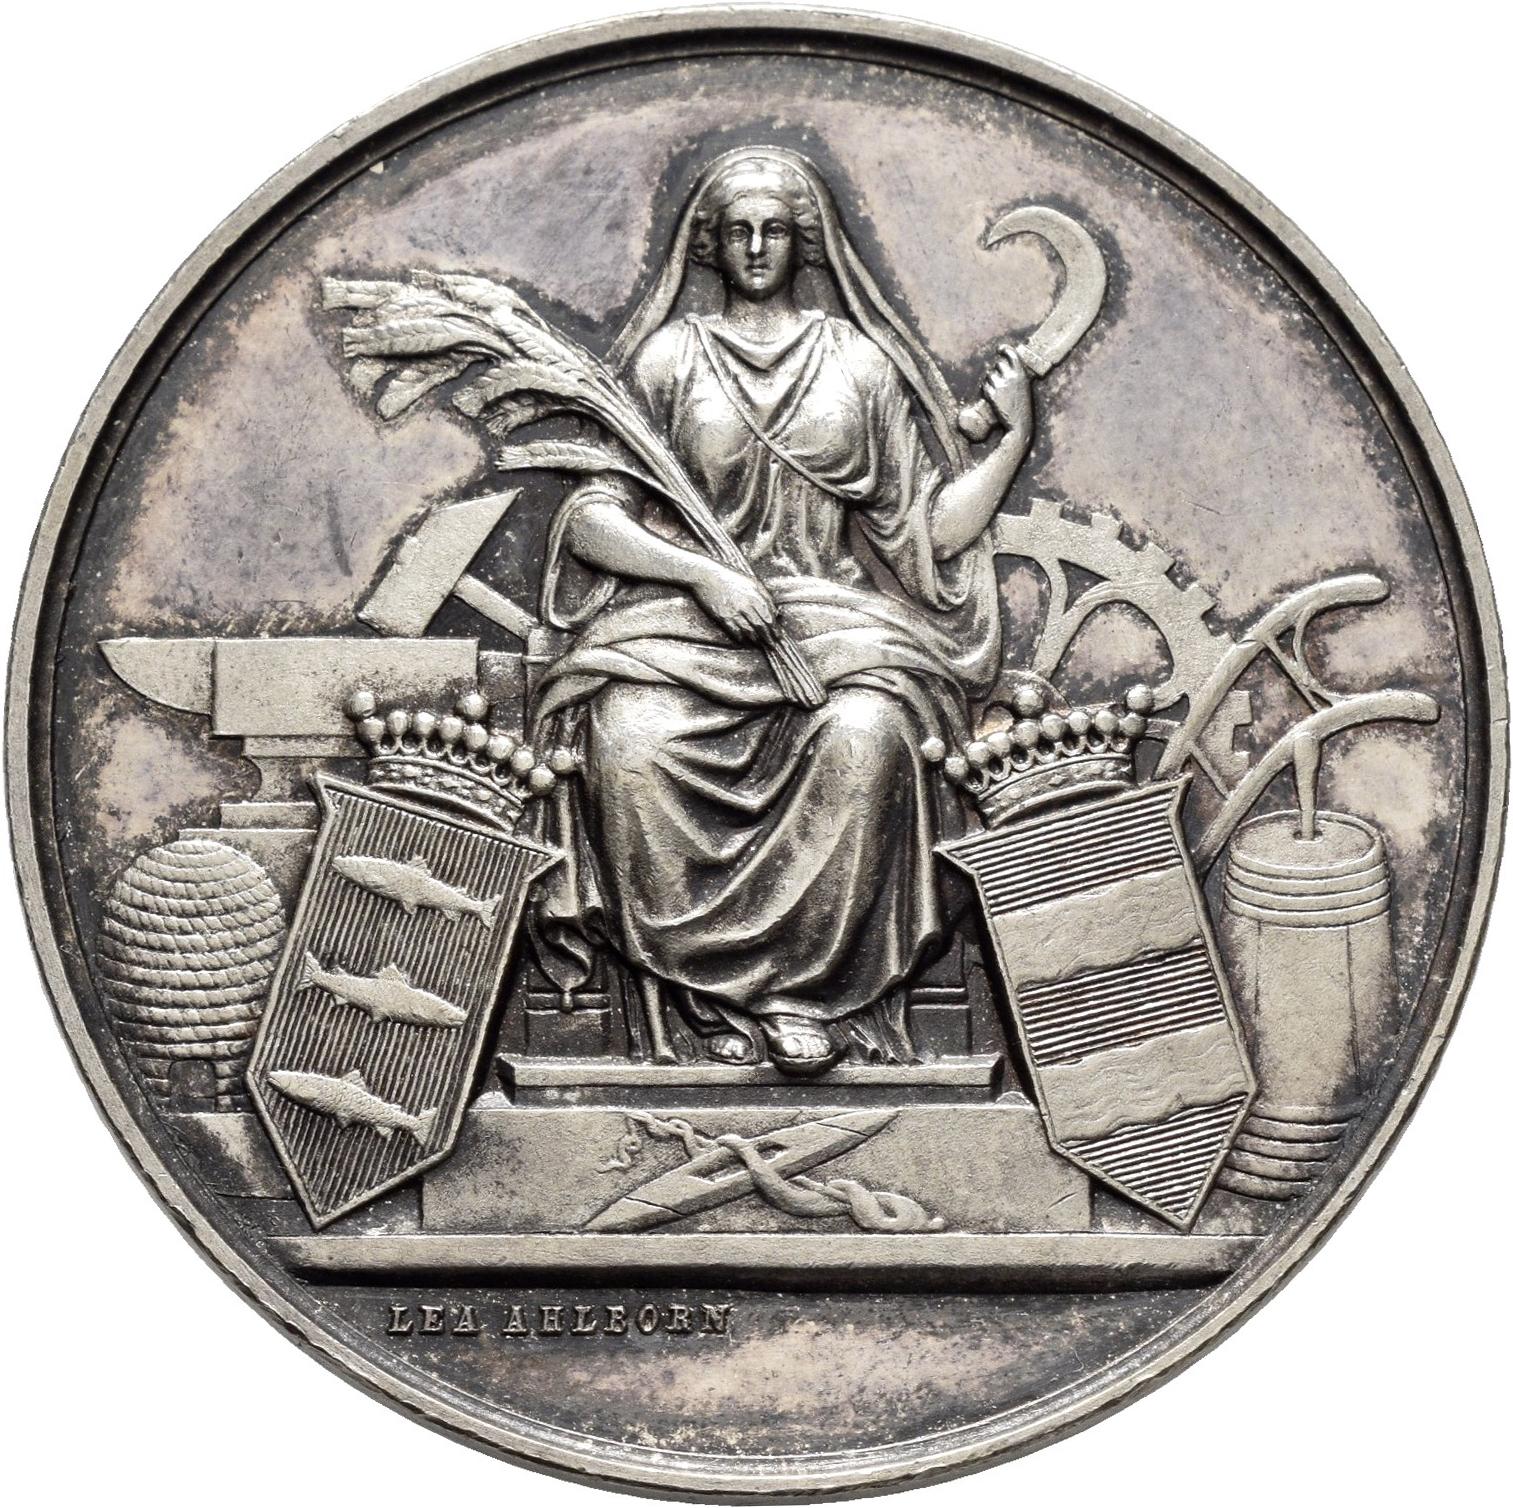 Lot 05105 - Schweden   Europa  -  Auktionshaus Christoph Gärtner GmbH & Co. KG Sale #45 Banknotes Germany/Numismatics